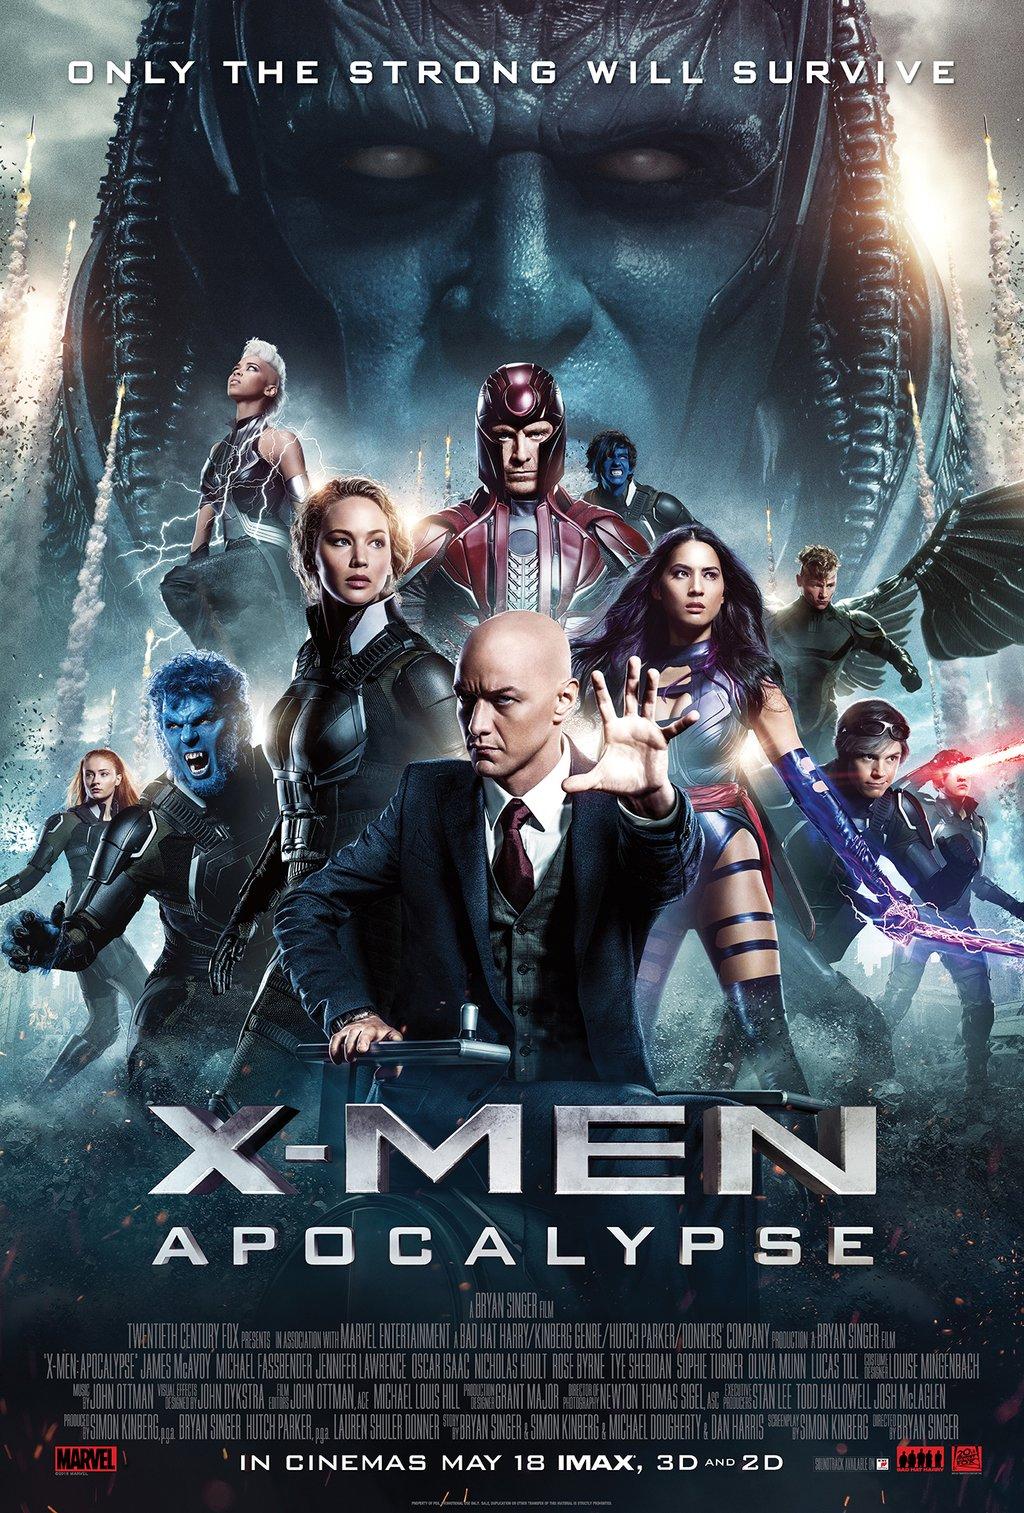 [MASTER แท้มาแล้ว 1080P HQ] X-MEN APOCALYPSE (2016) X-เม็น อะพอคคาลิปส์ [MASTER]